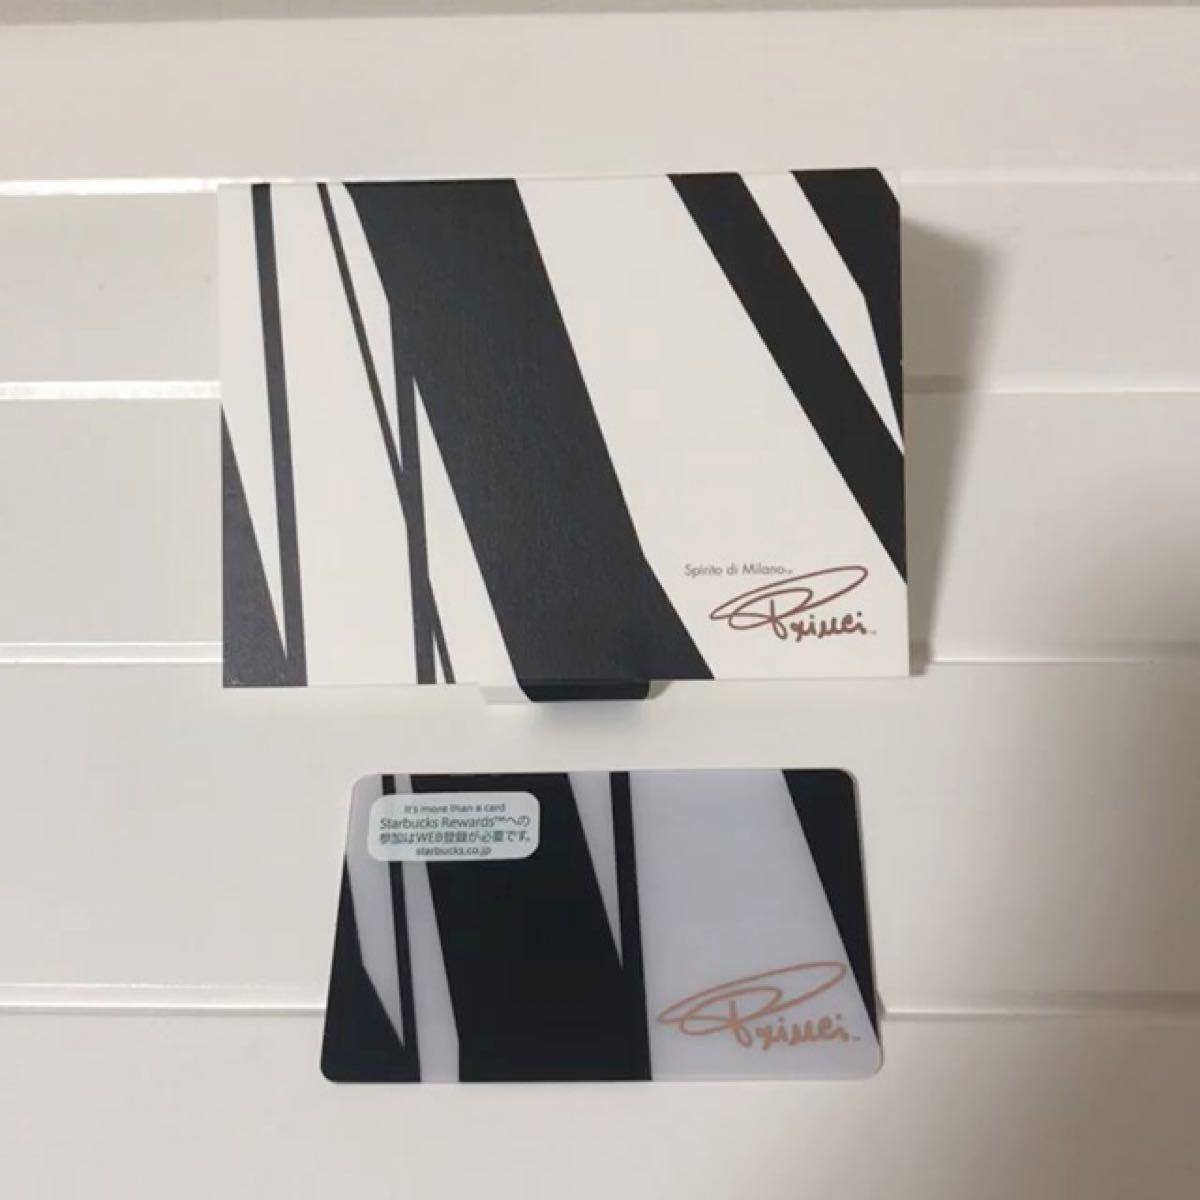 スターバックスロースタリー東京内プリンチ入手 プリンチ限定柄カード